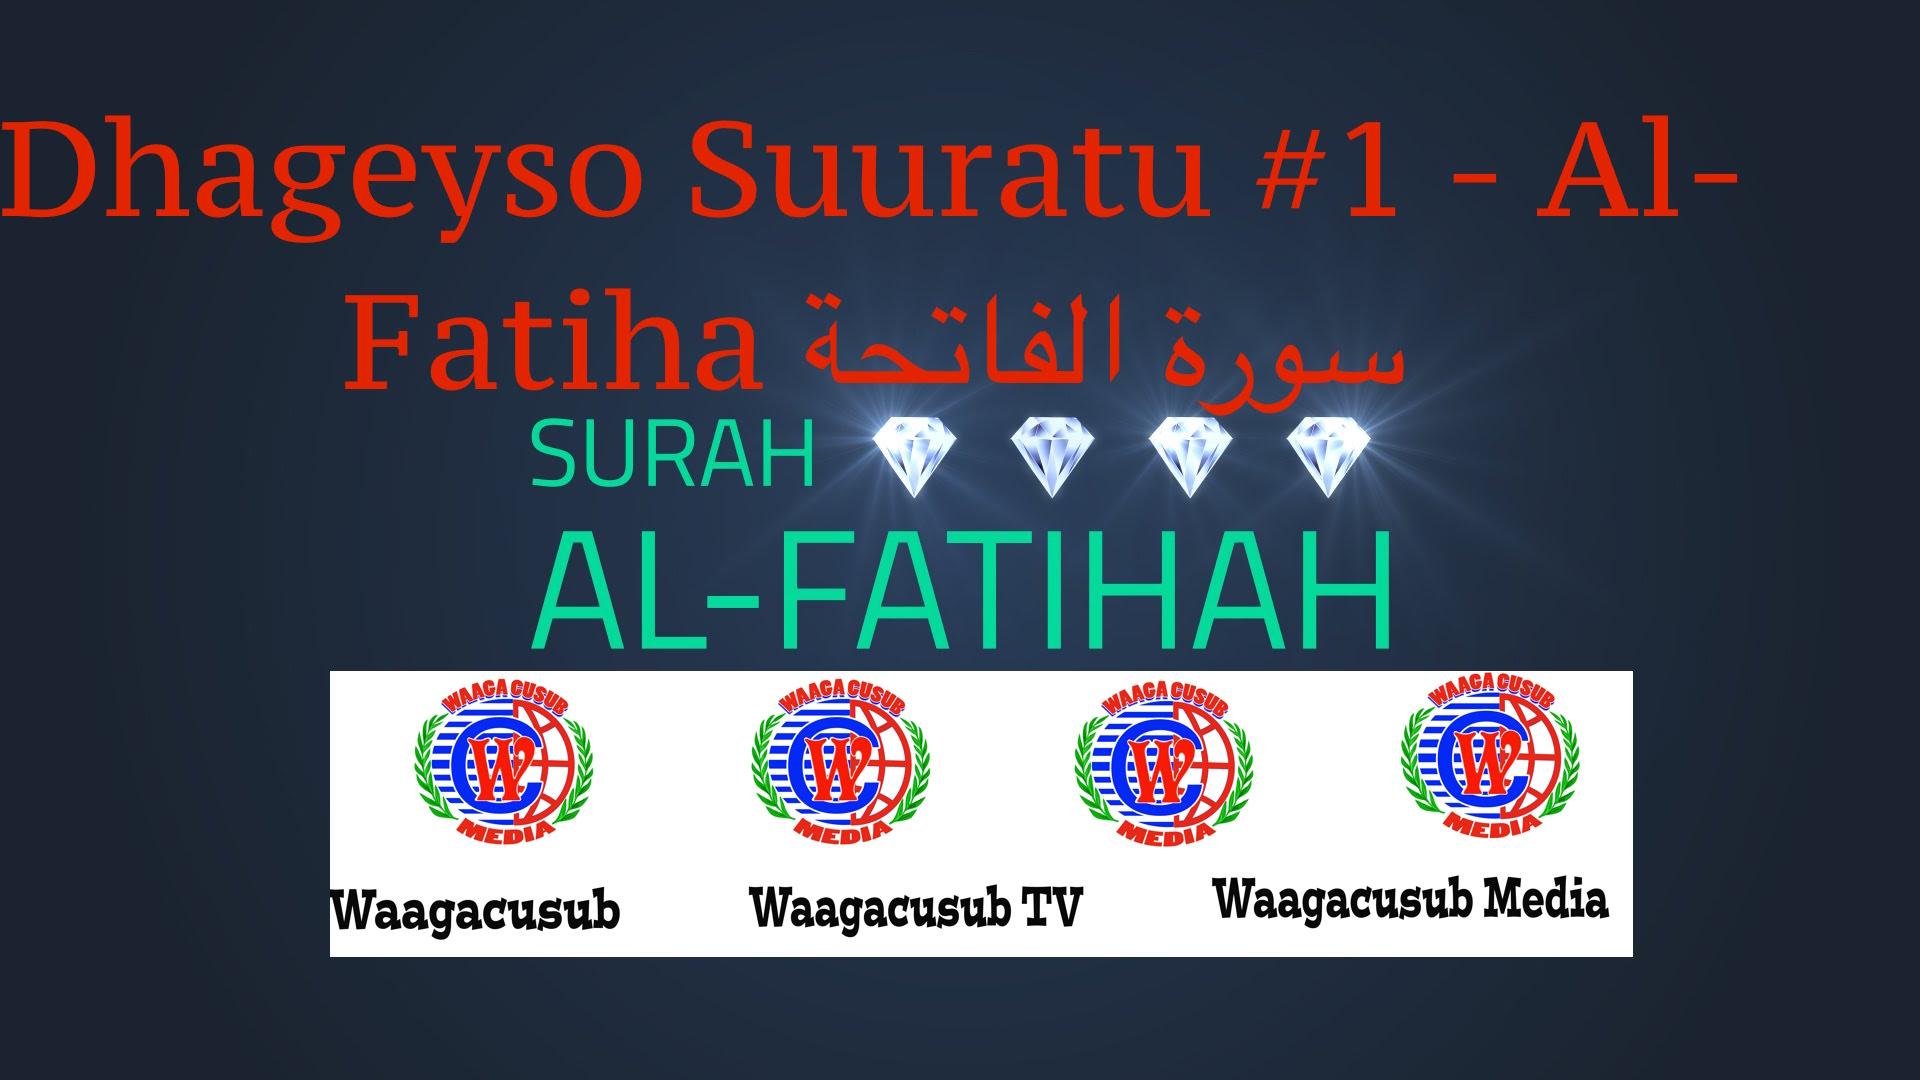 Dhageyso Suuratu #1 - Al-Fatiha سورة الفاتحة